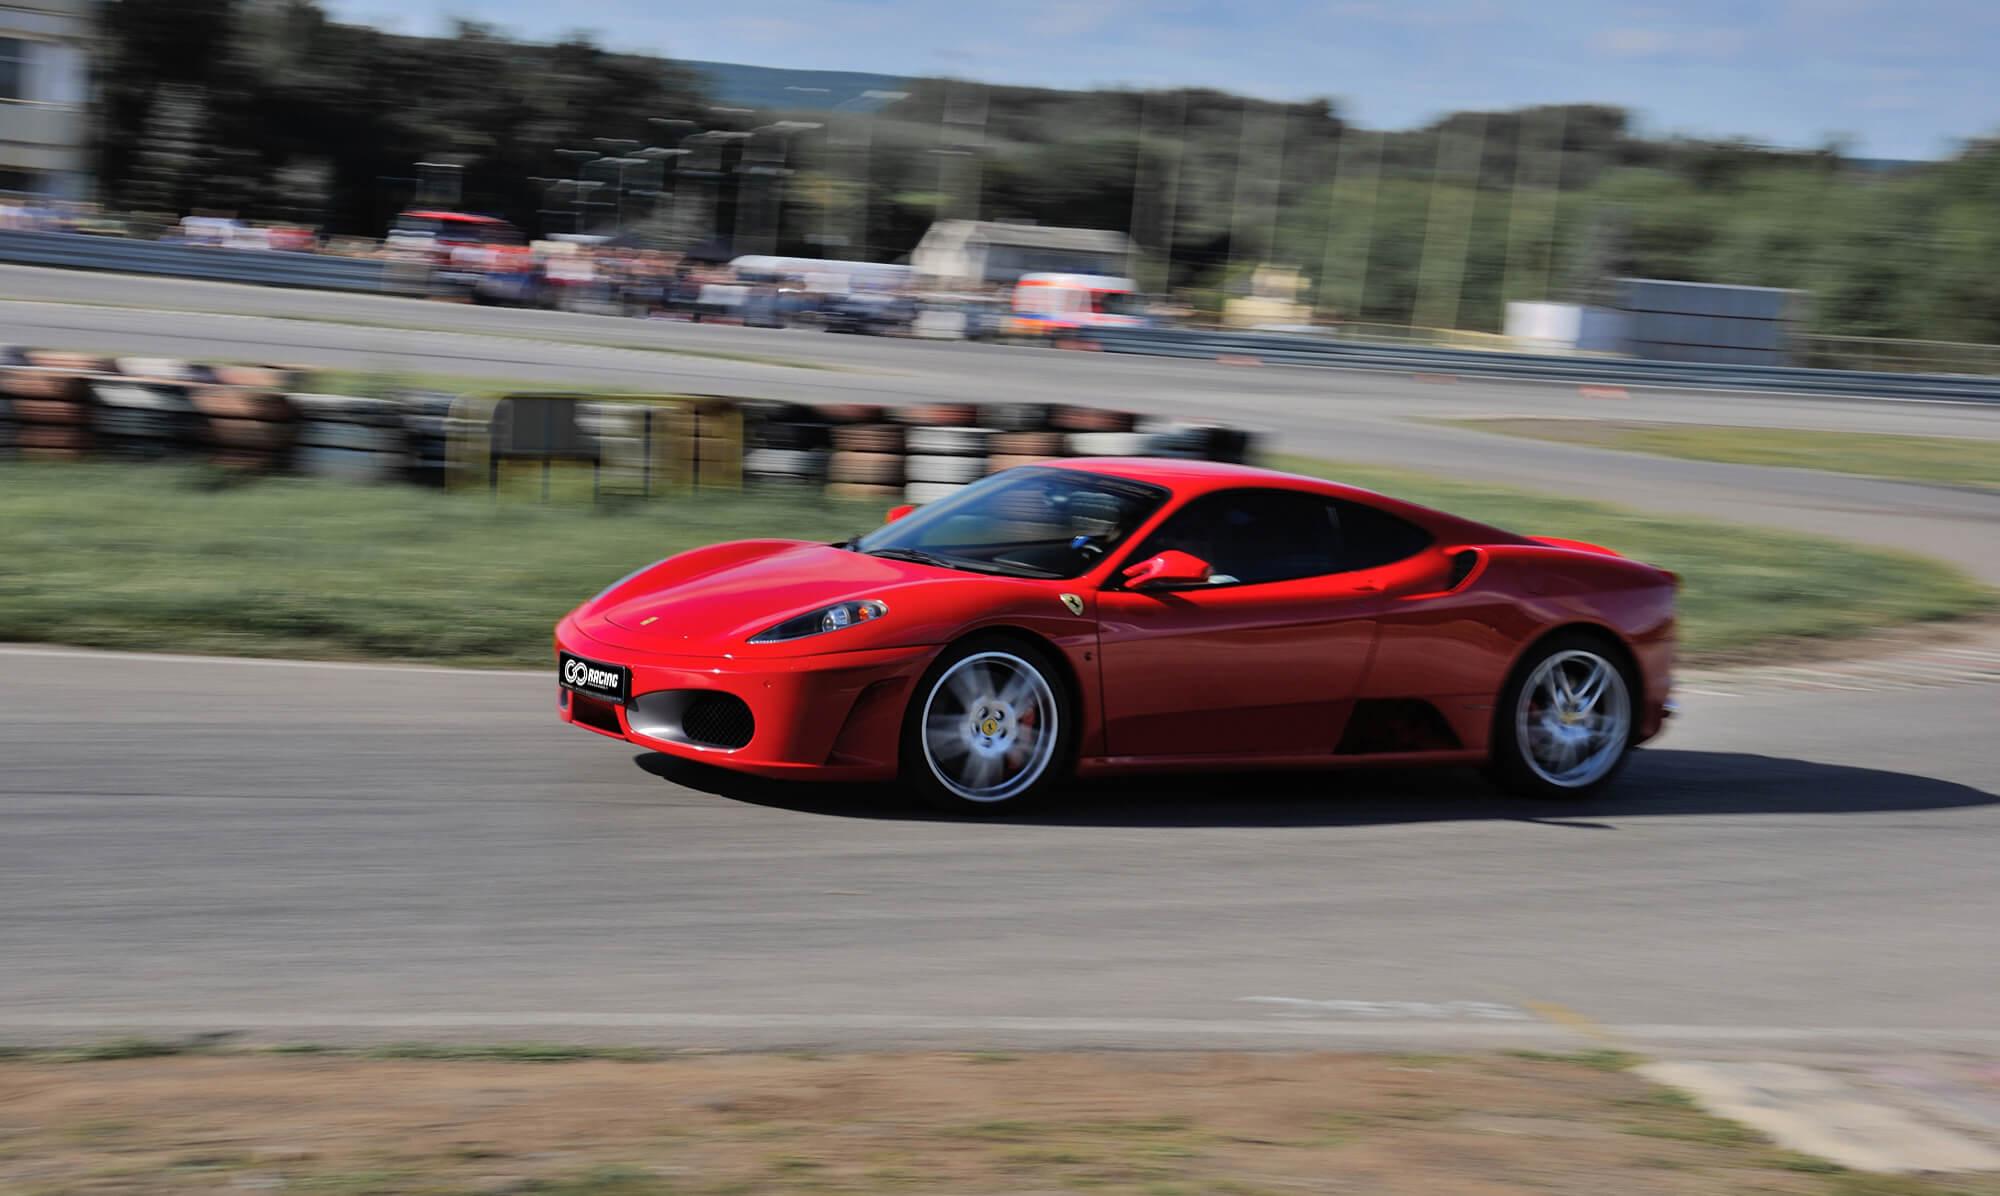 Ferrari F430 Kielce